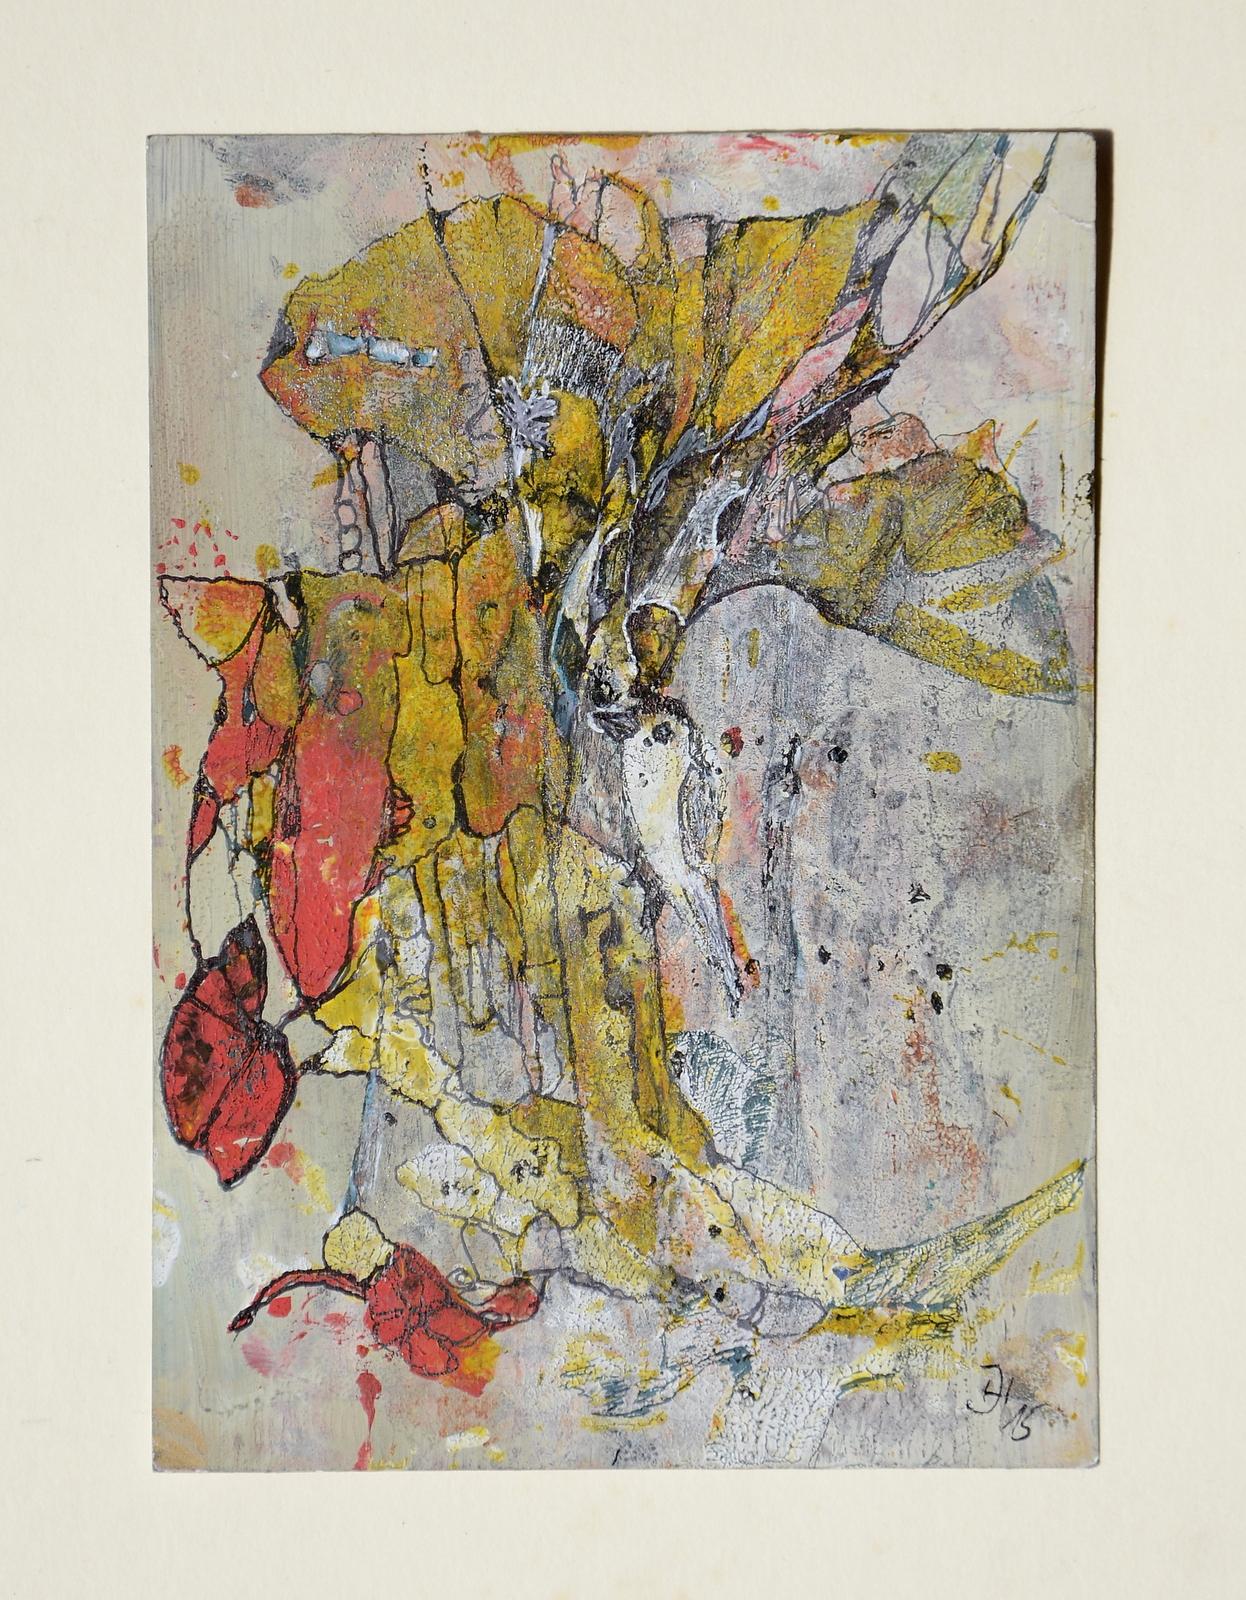 kleiner vogel,,10,5x 15 cm,acryl ,tusche auf papier,2015.JPG